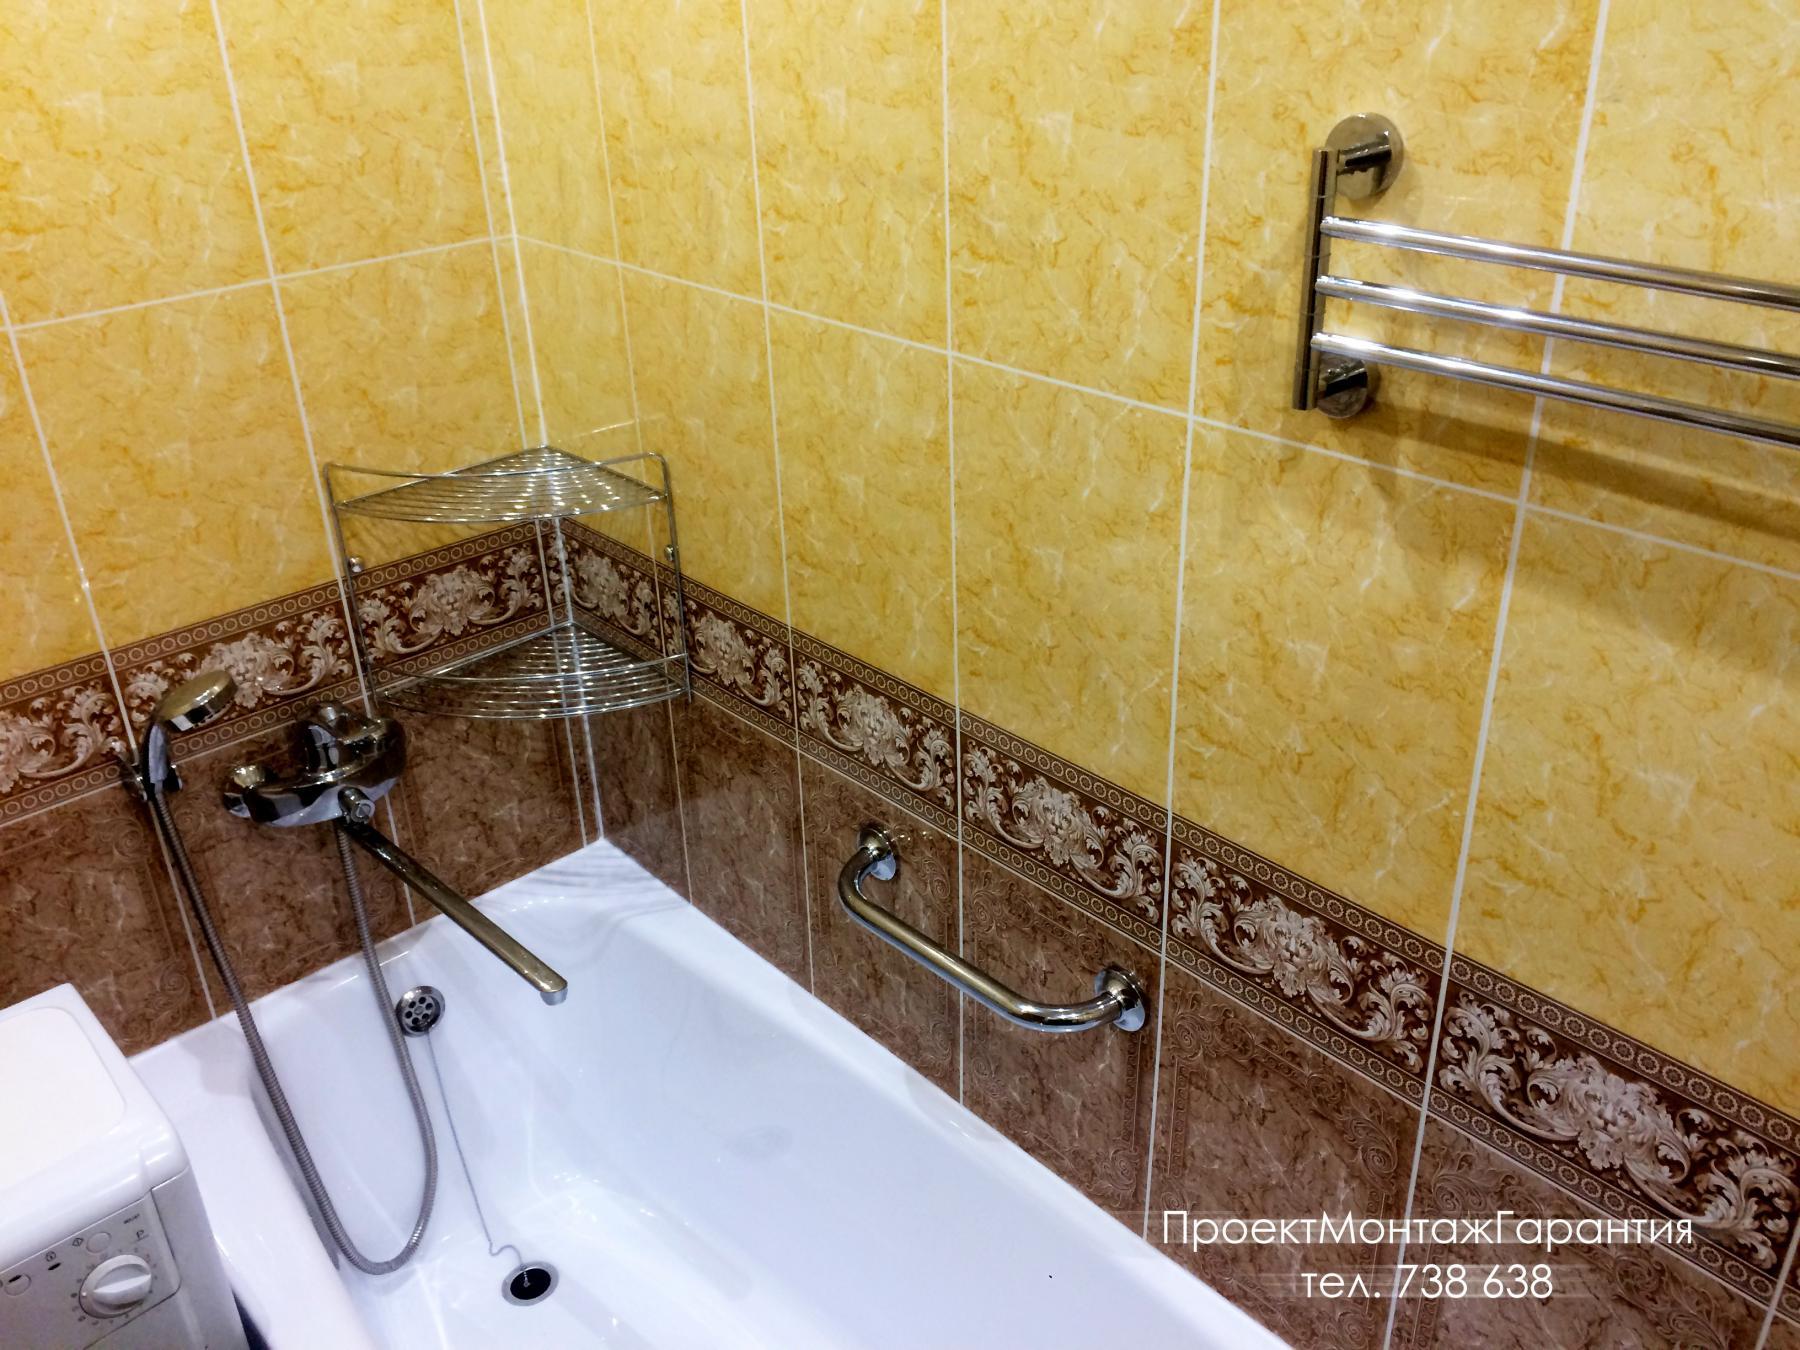 Ремонт квартиры в Самаре, цена от 100 руб/кв м